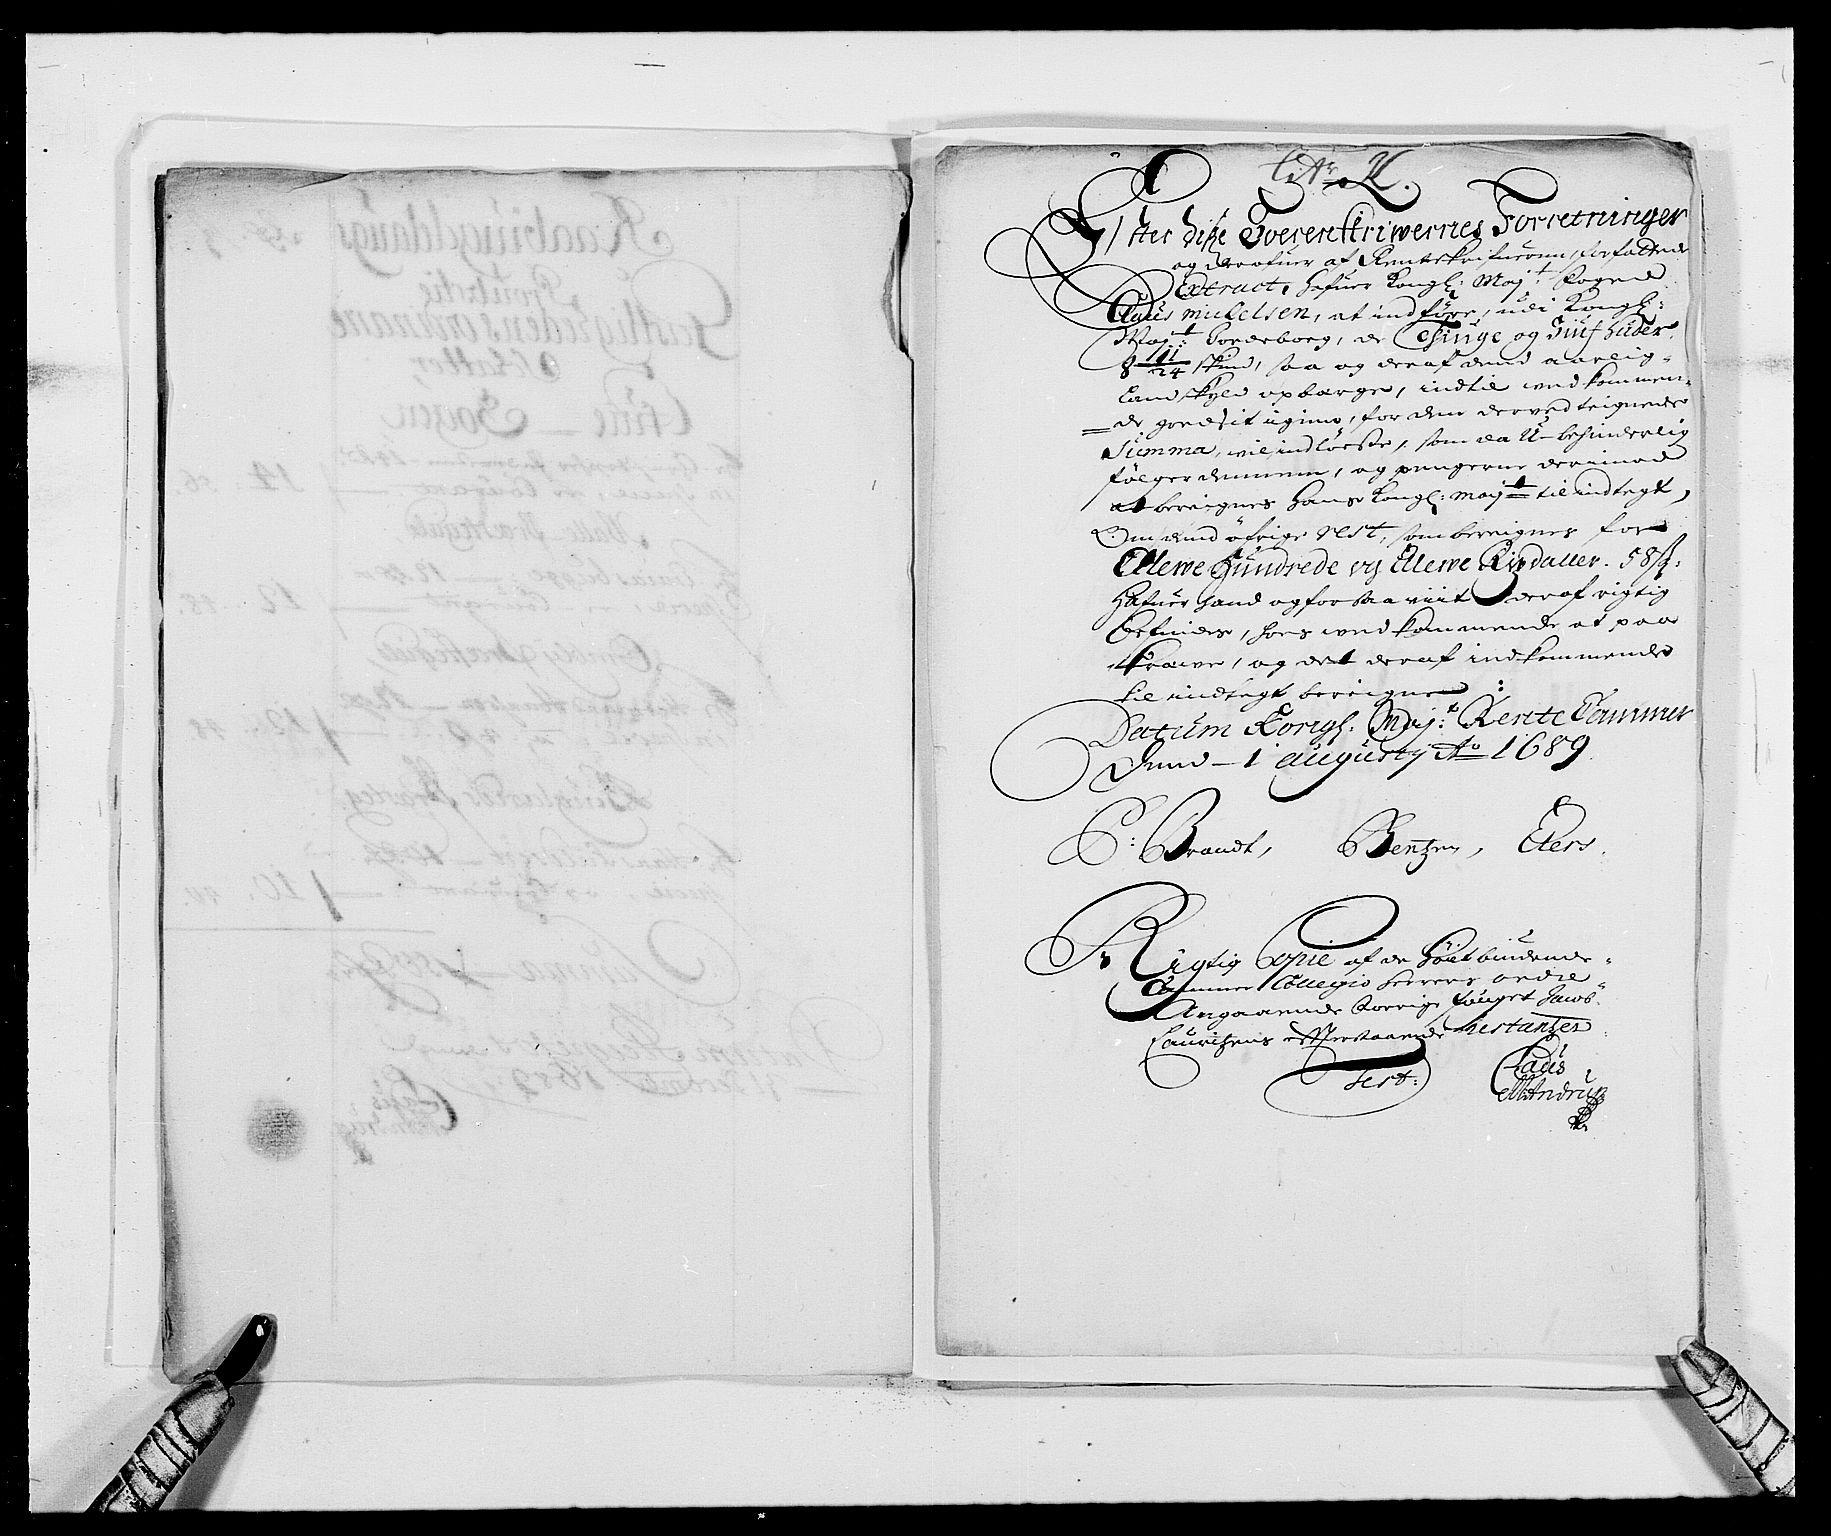 RA, Rentekammeret inntil 1814, Reviderte regnskaper, Fogderegnskap, R40/L2442: Fogderegnskap Råbyggelag, 1689-1690, s. 94